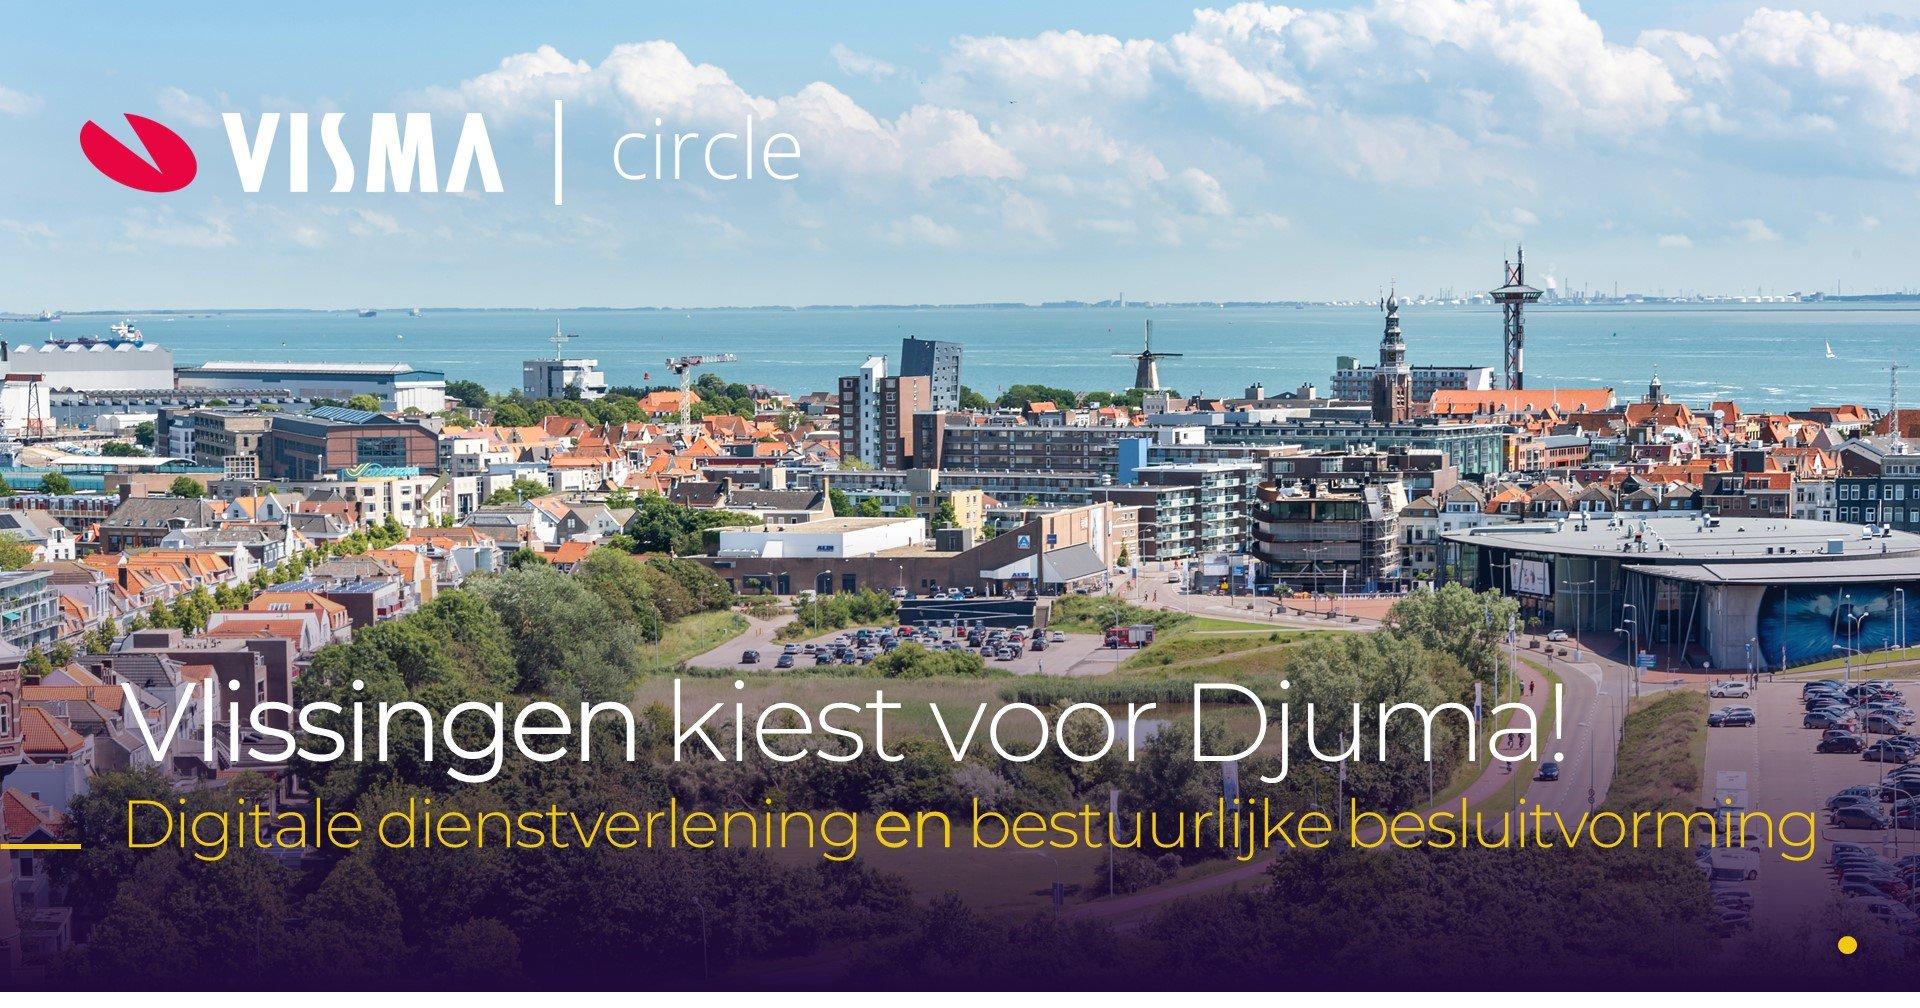 Gemeente Vlissingen kiest voor Djuma van Visma Circle